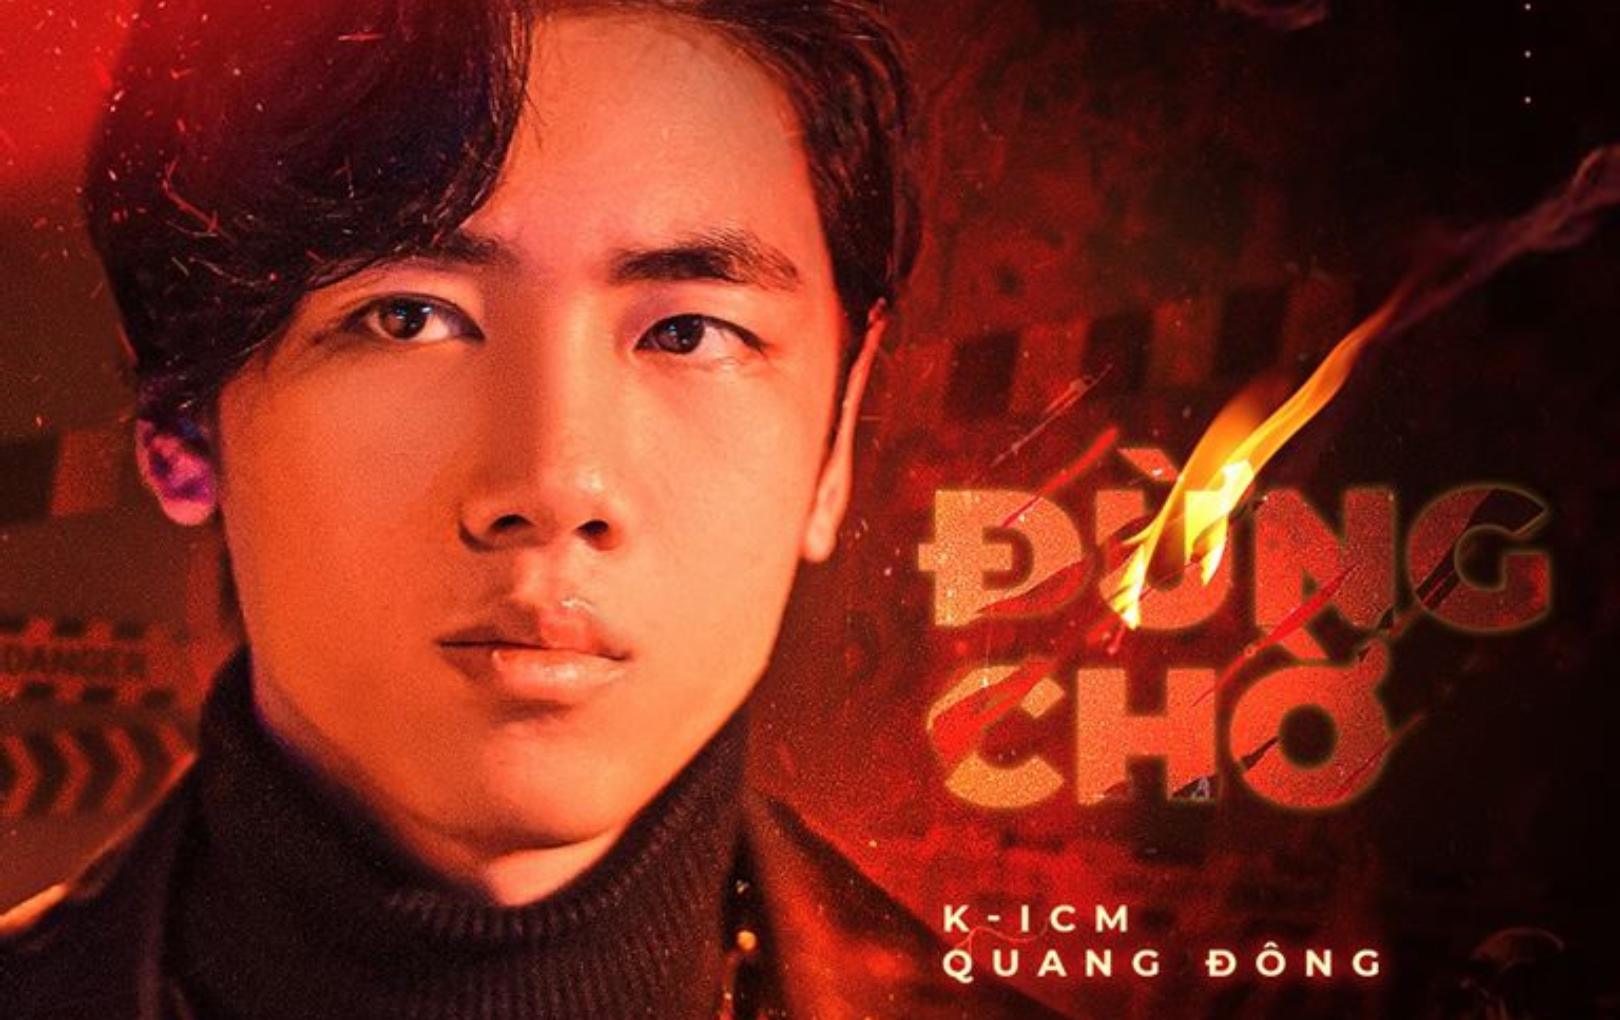 """K-ICM và Quang Đông tung demo và poster MV mới, liệu có """"phá dớp"""" bị tẩy chay của """"Cần một lý do""""?"""